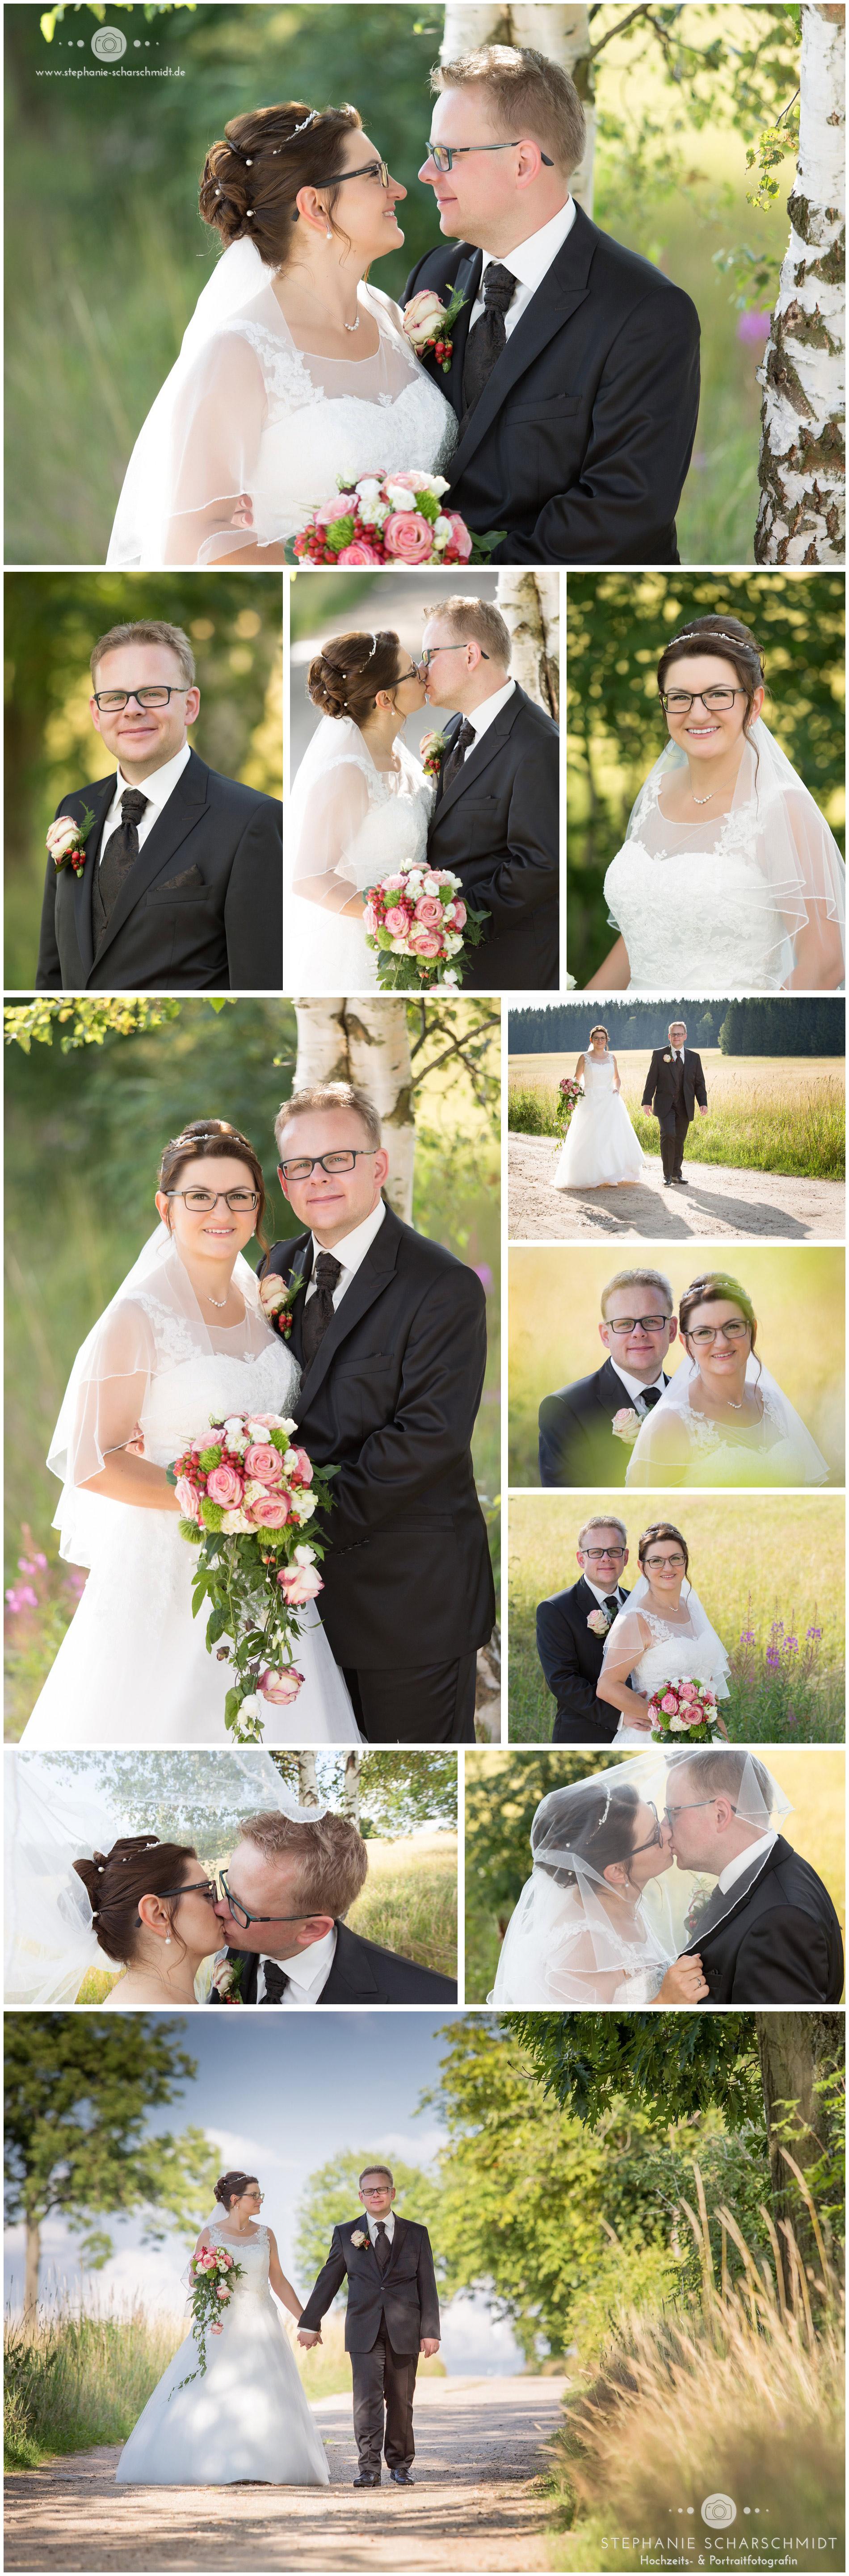 Hochzeit Saustall Wernesgrün - Hochzeitsfotograf Stephanie Scharschmidt